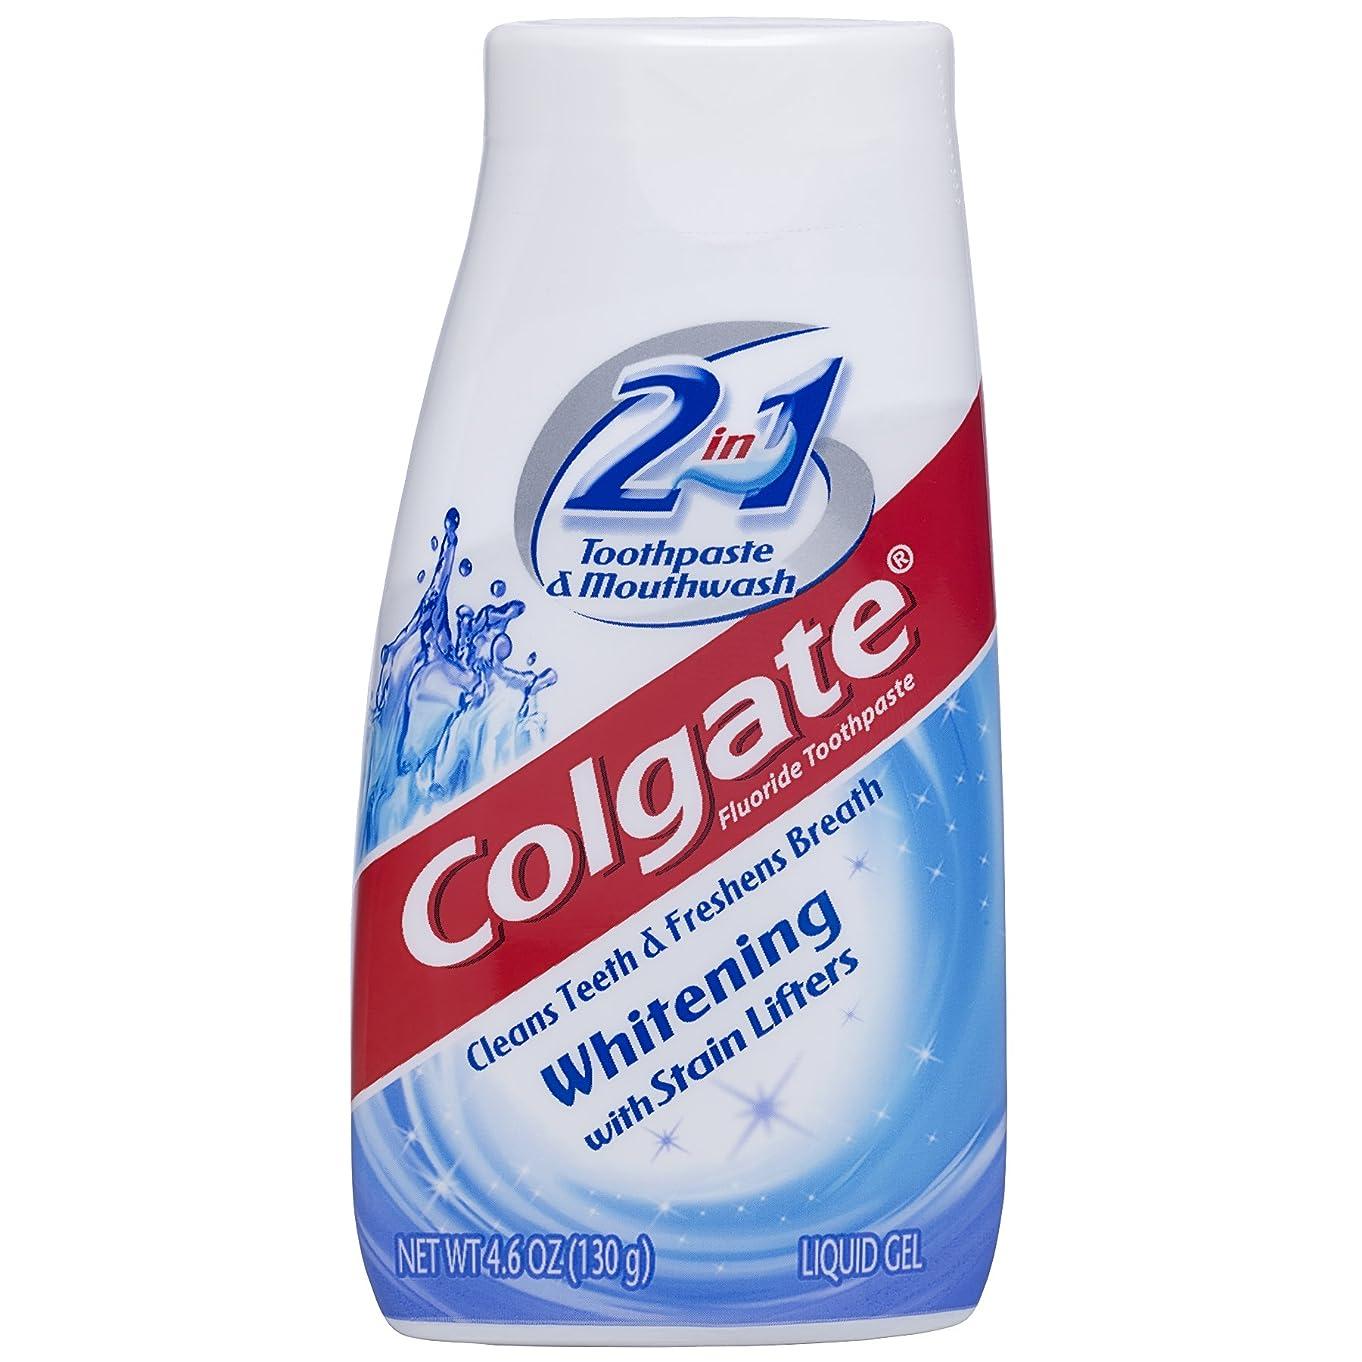 禁止シングルテント海外直送品Colgate 2 In 1 Toothpaste & Mouthwash Whitening, 4.6 oz by Colgate